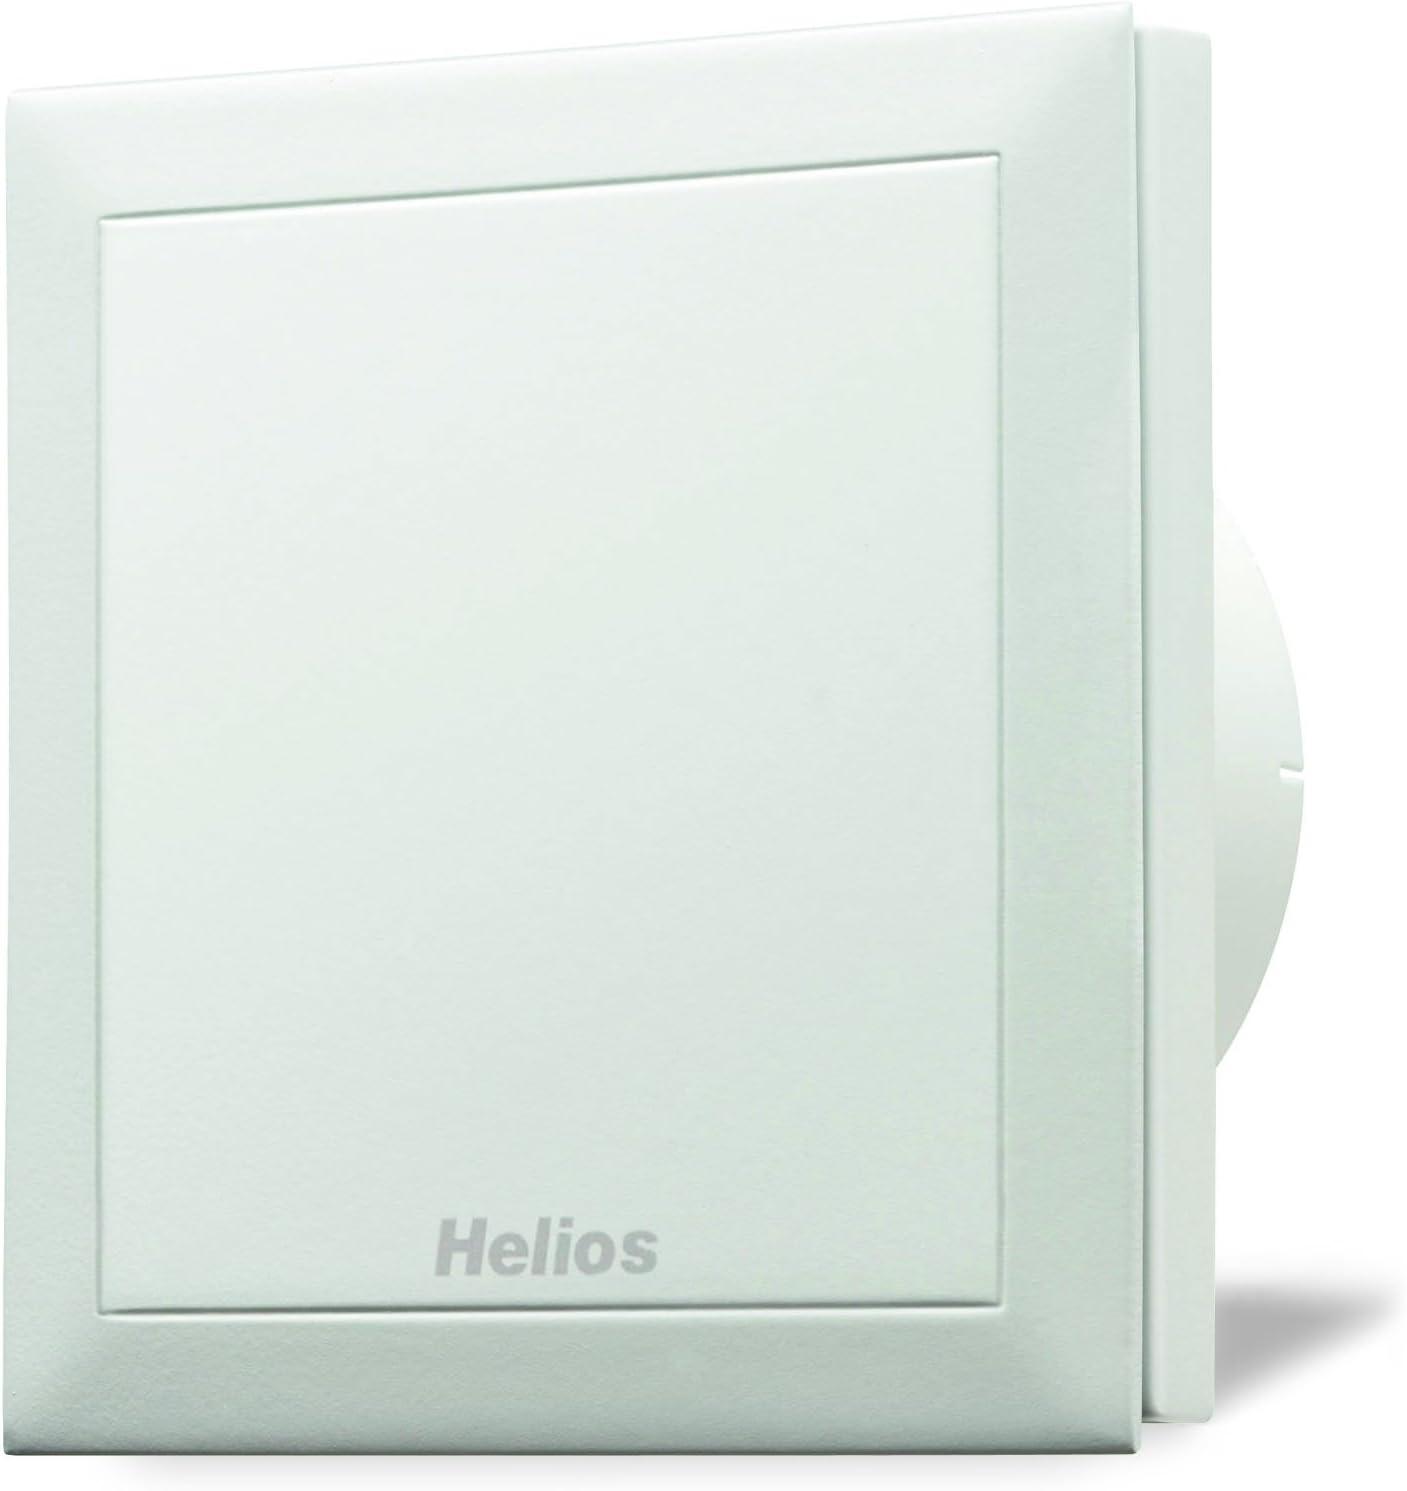 Helios M1/100 - Miniventilador [Importado de Alemania]